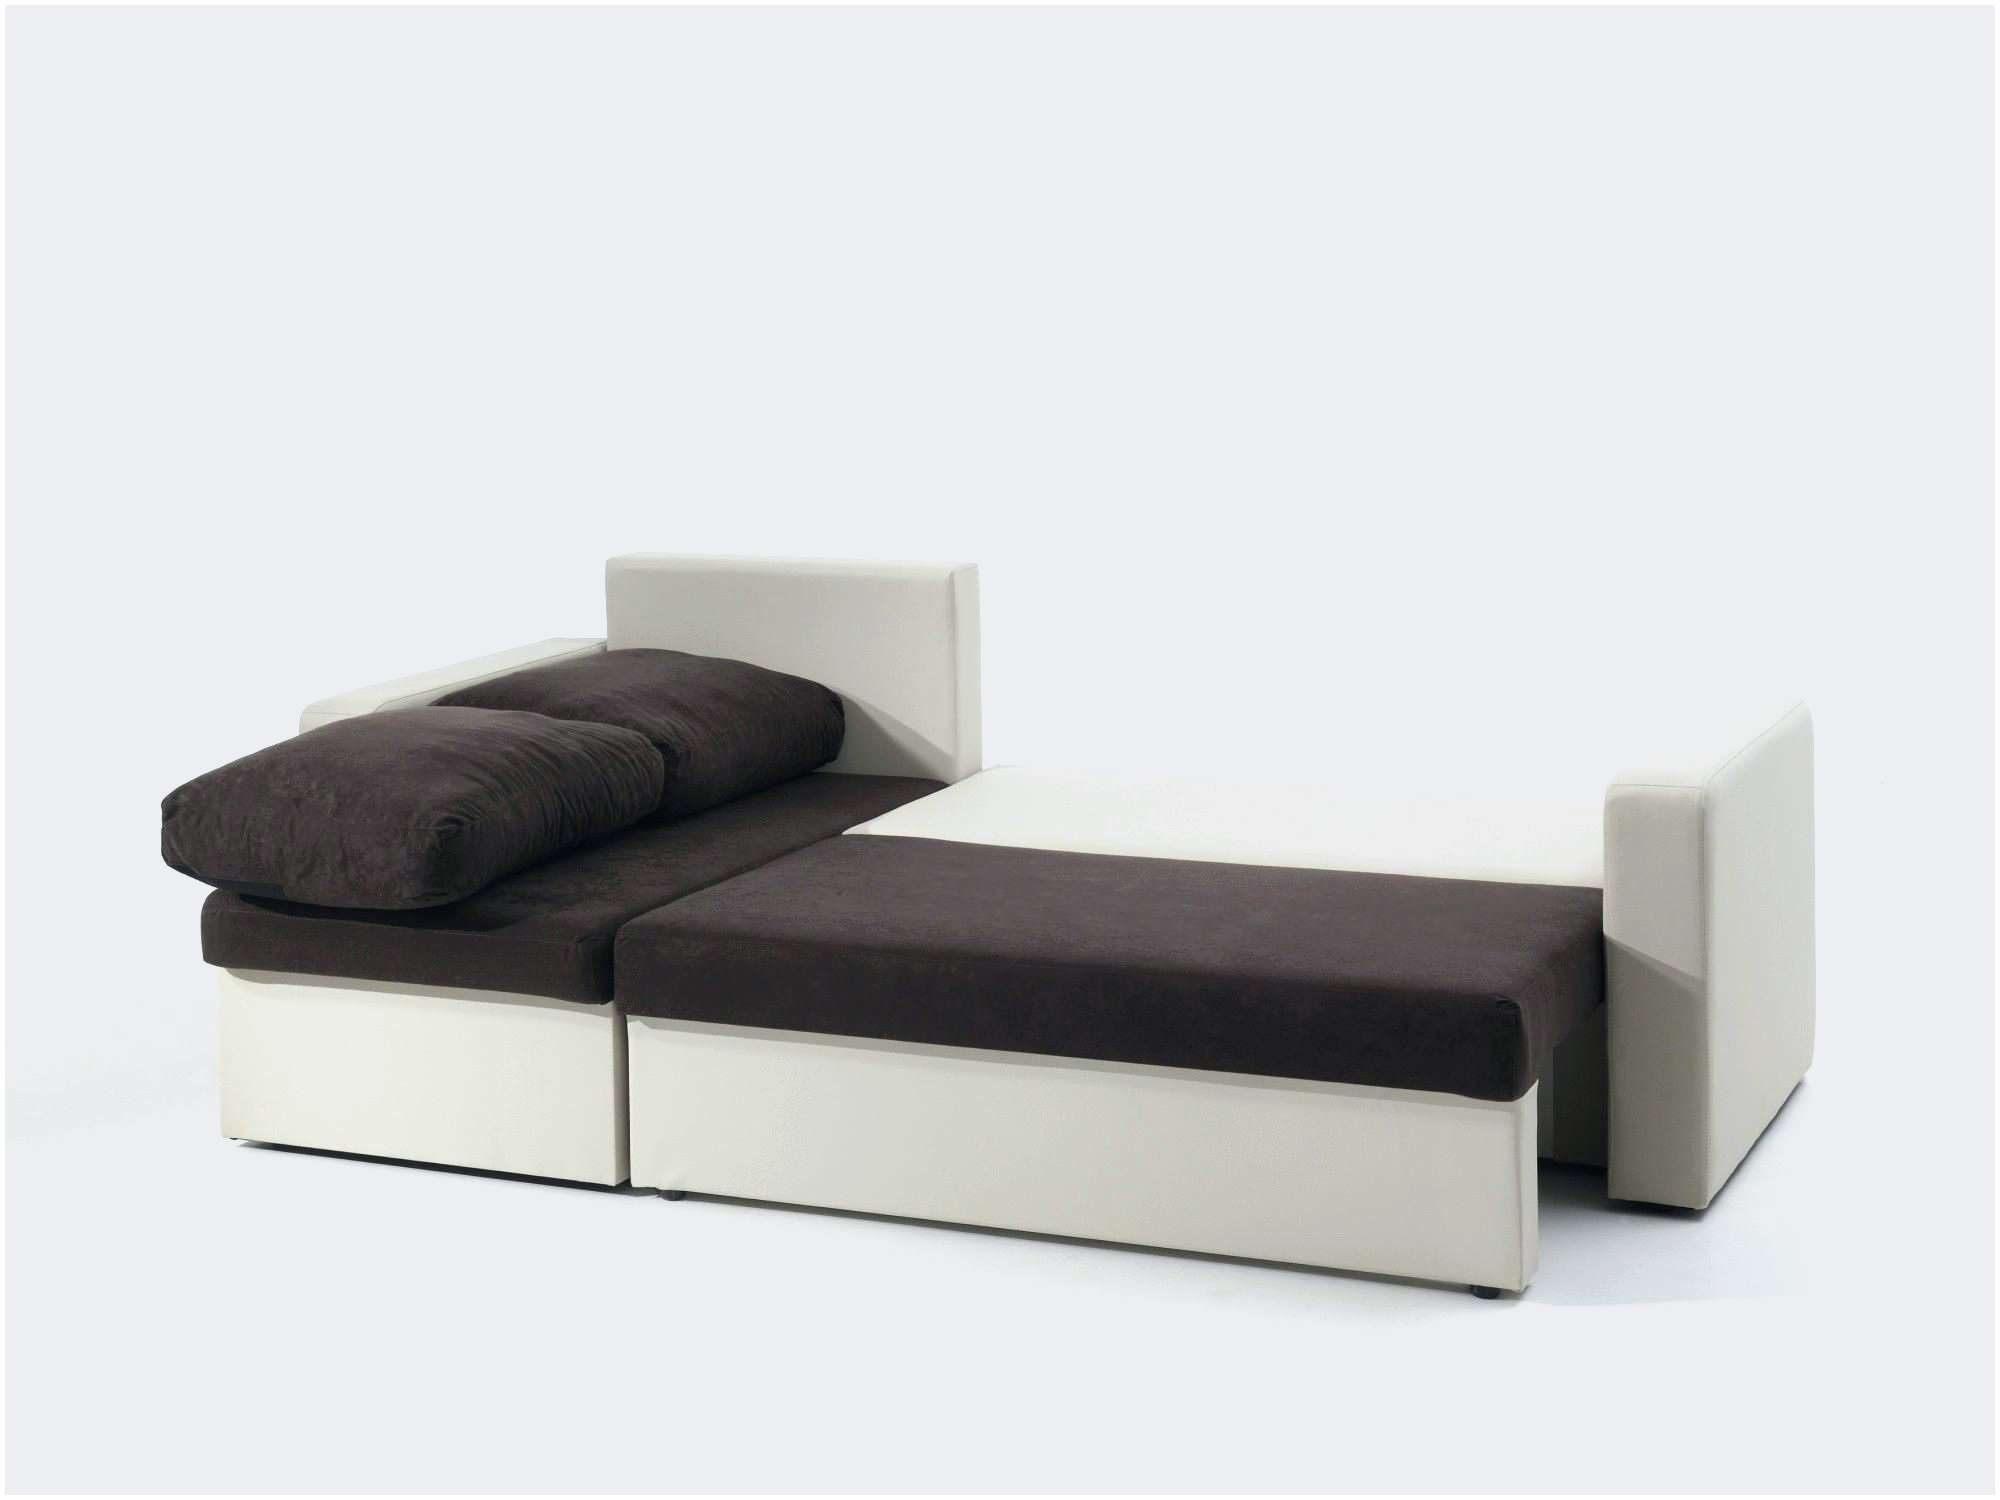 Lit Superposé Pour Adulte Joli Frais Lit Mezzanine Ikea 2 Places Pour Alternative Lit Superposé